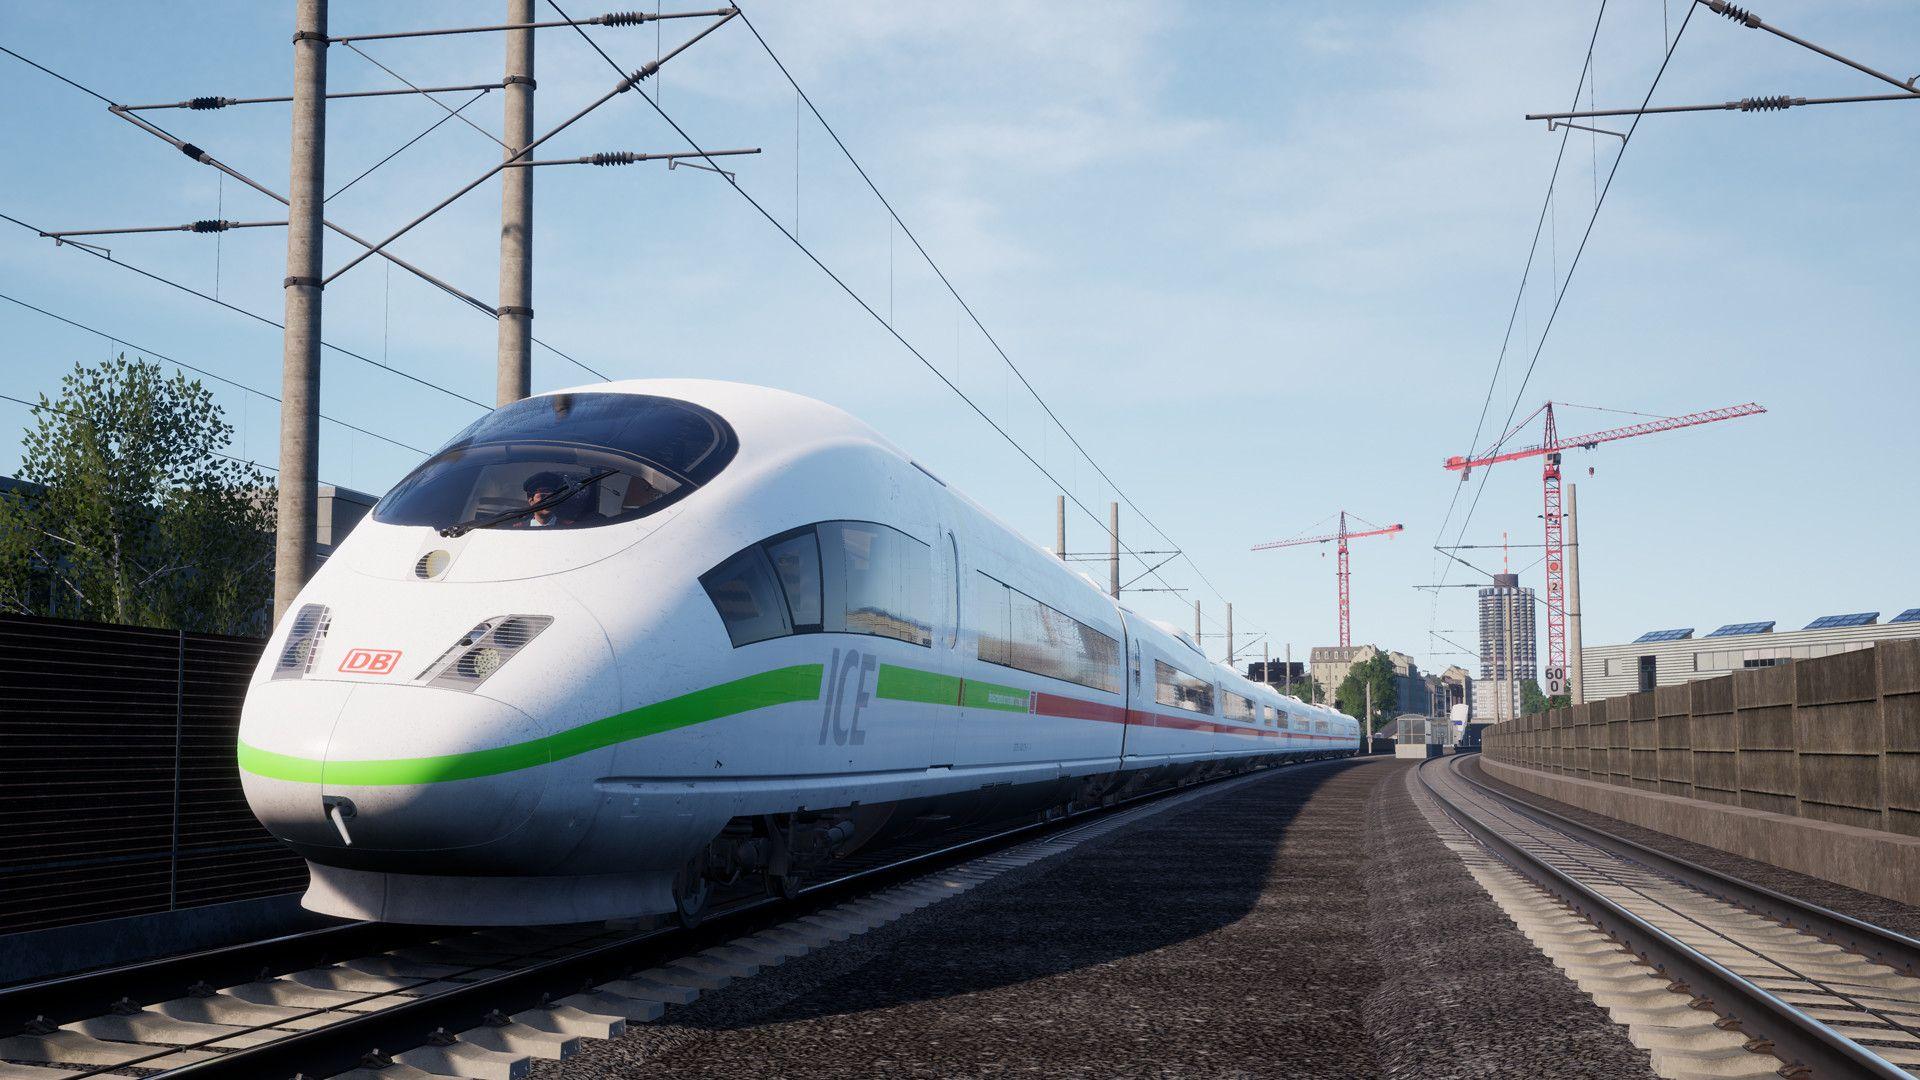 TSW2 Munich to Augsburg